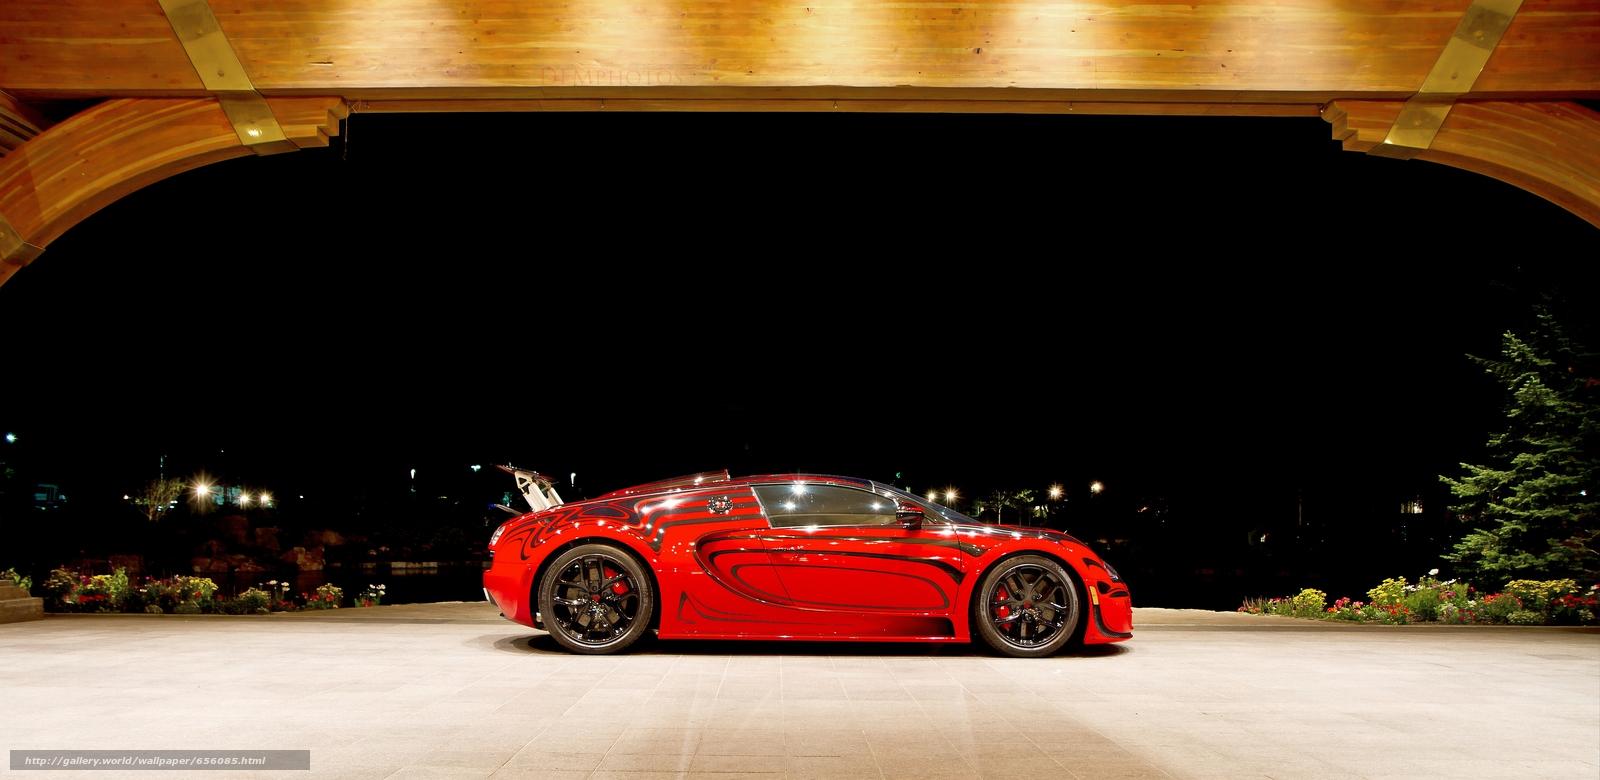 scaricare gli sfondi Bugatti Veyron,  Bugatti,  Veyron,  giperkar Sfondi gratis per la risoluzione del desktop 5020x2446 — immagine №656085